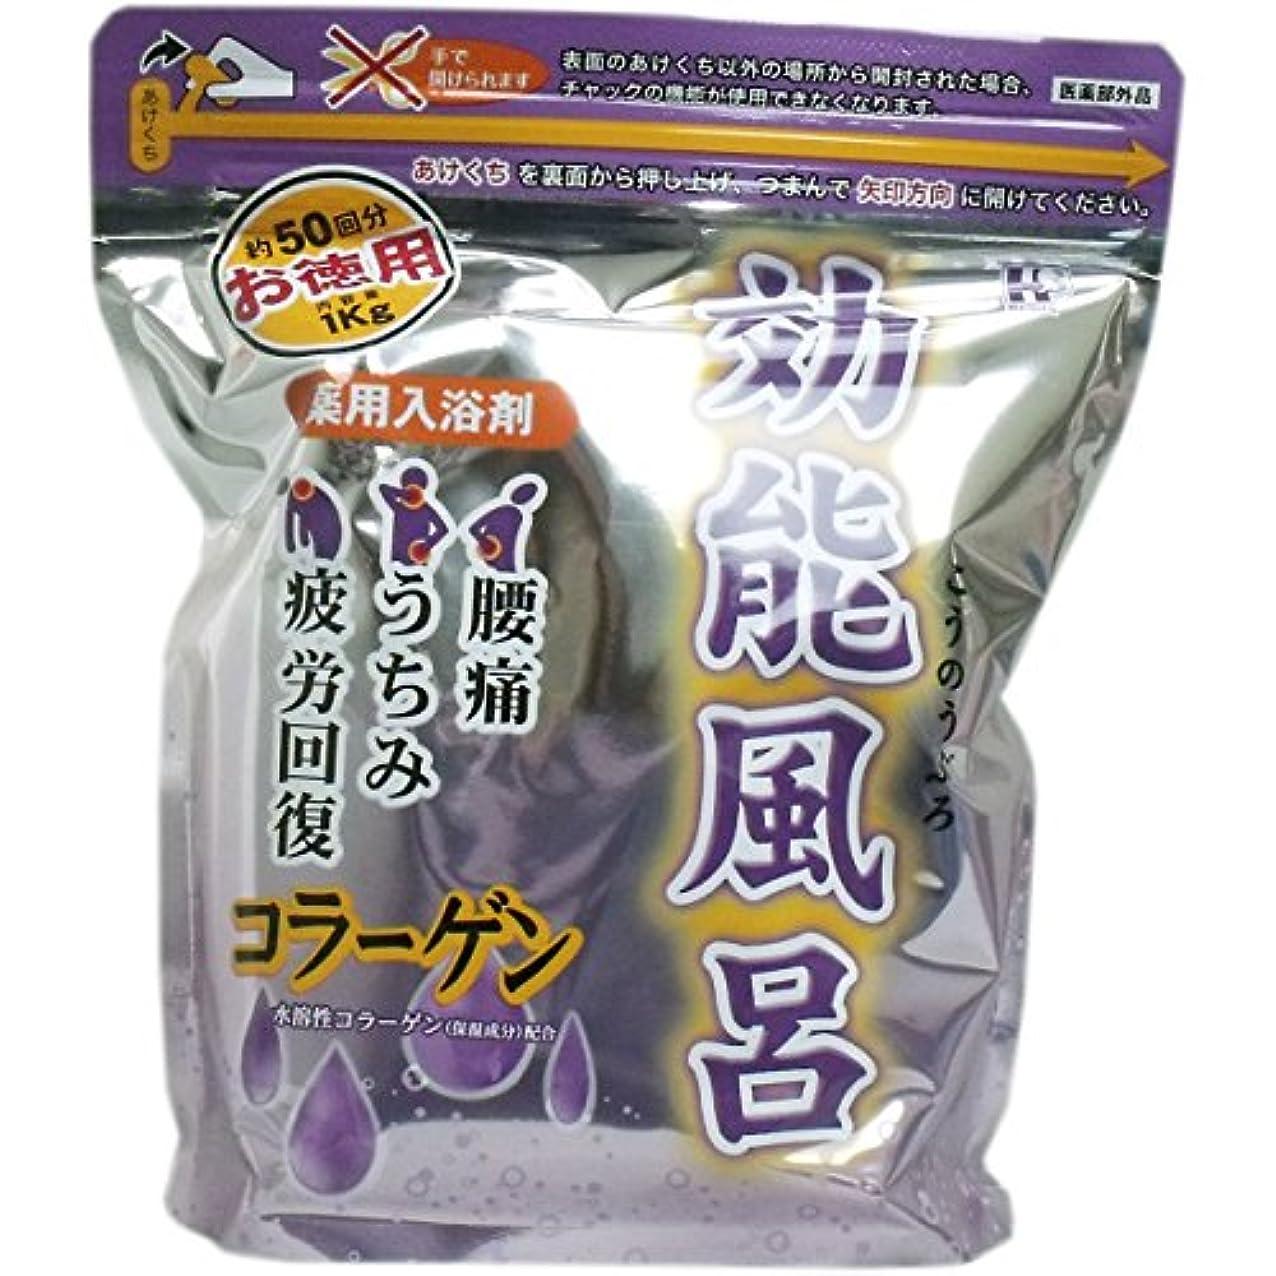 見つける遺棄されたシマウマ効能風呂 薬用入浴剤 コラーゲン 1Kg